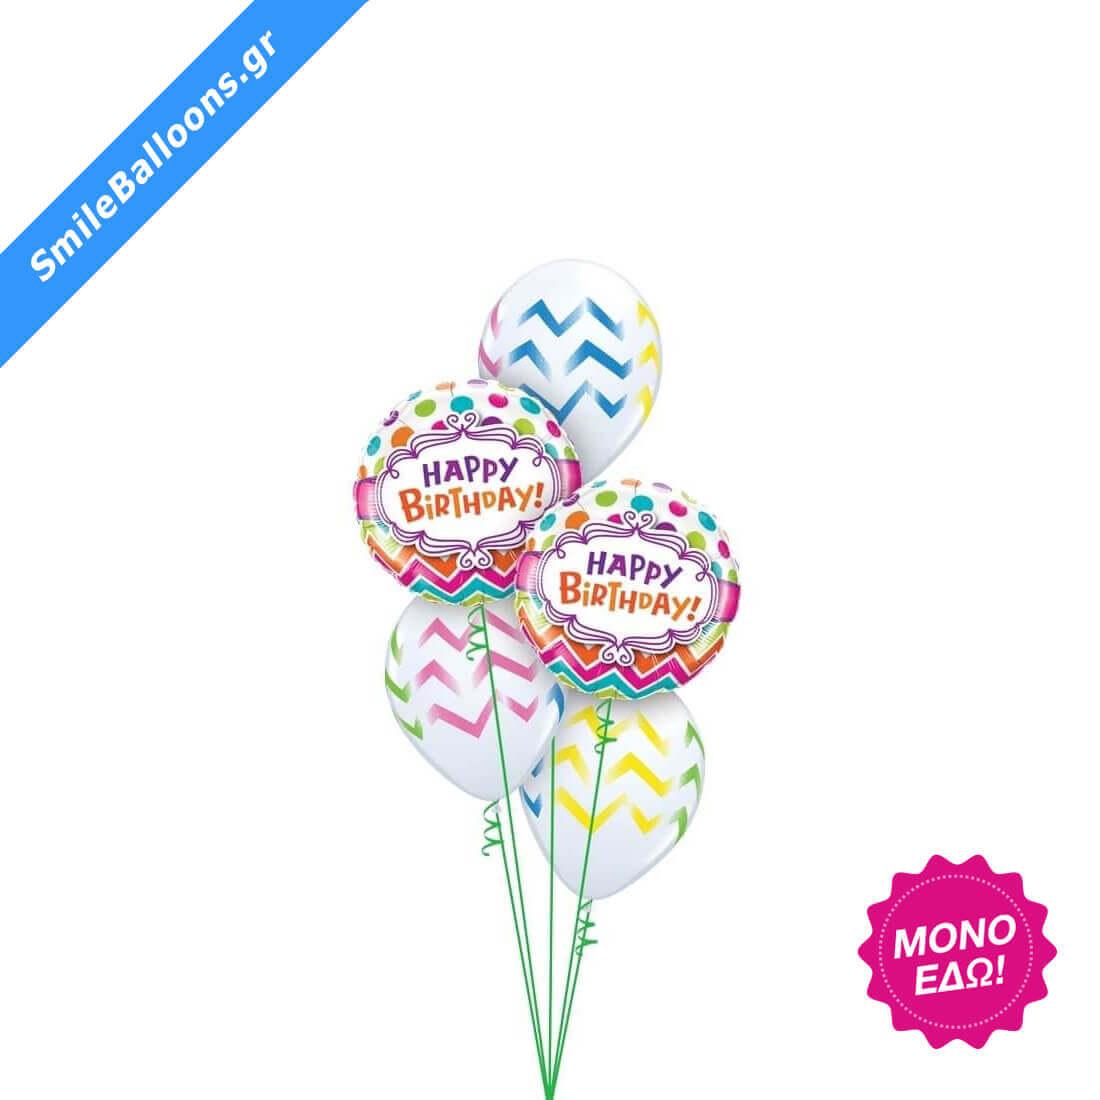 """Μπουκέτο μπαλονιών """"Zany Birthday Stripes & Dots"""""""